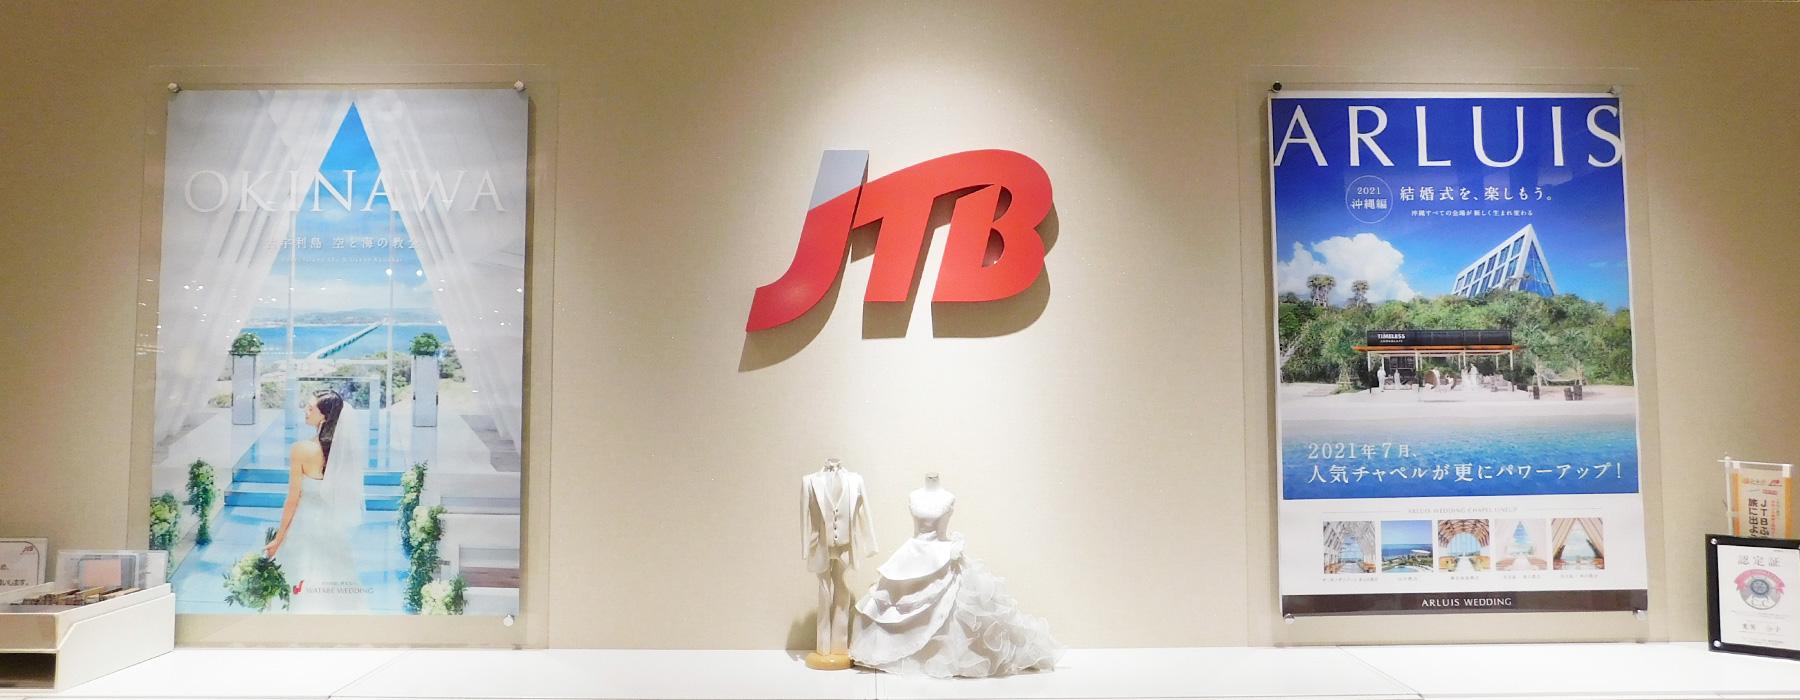 JTB 弘前ヒロロ店